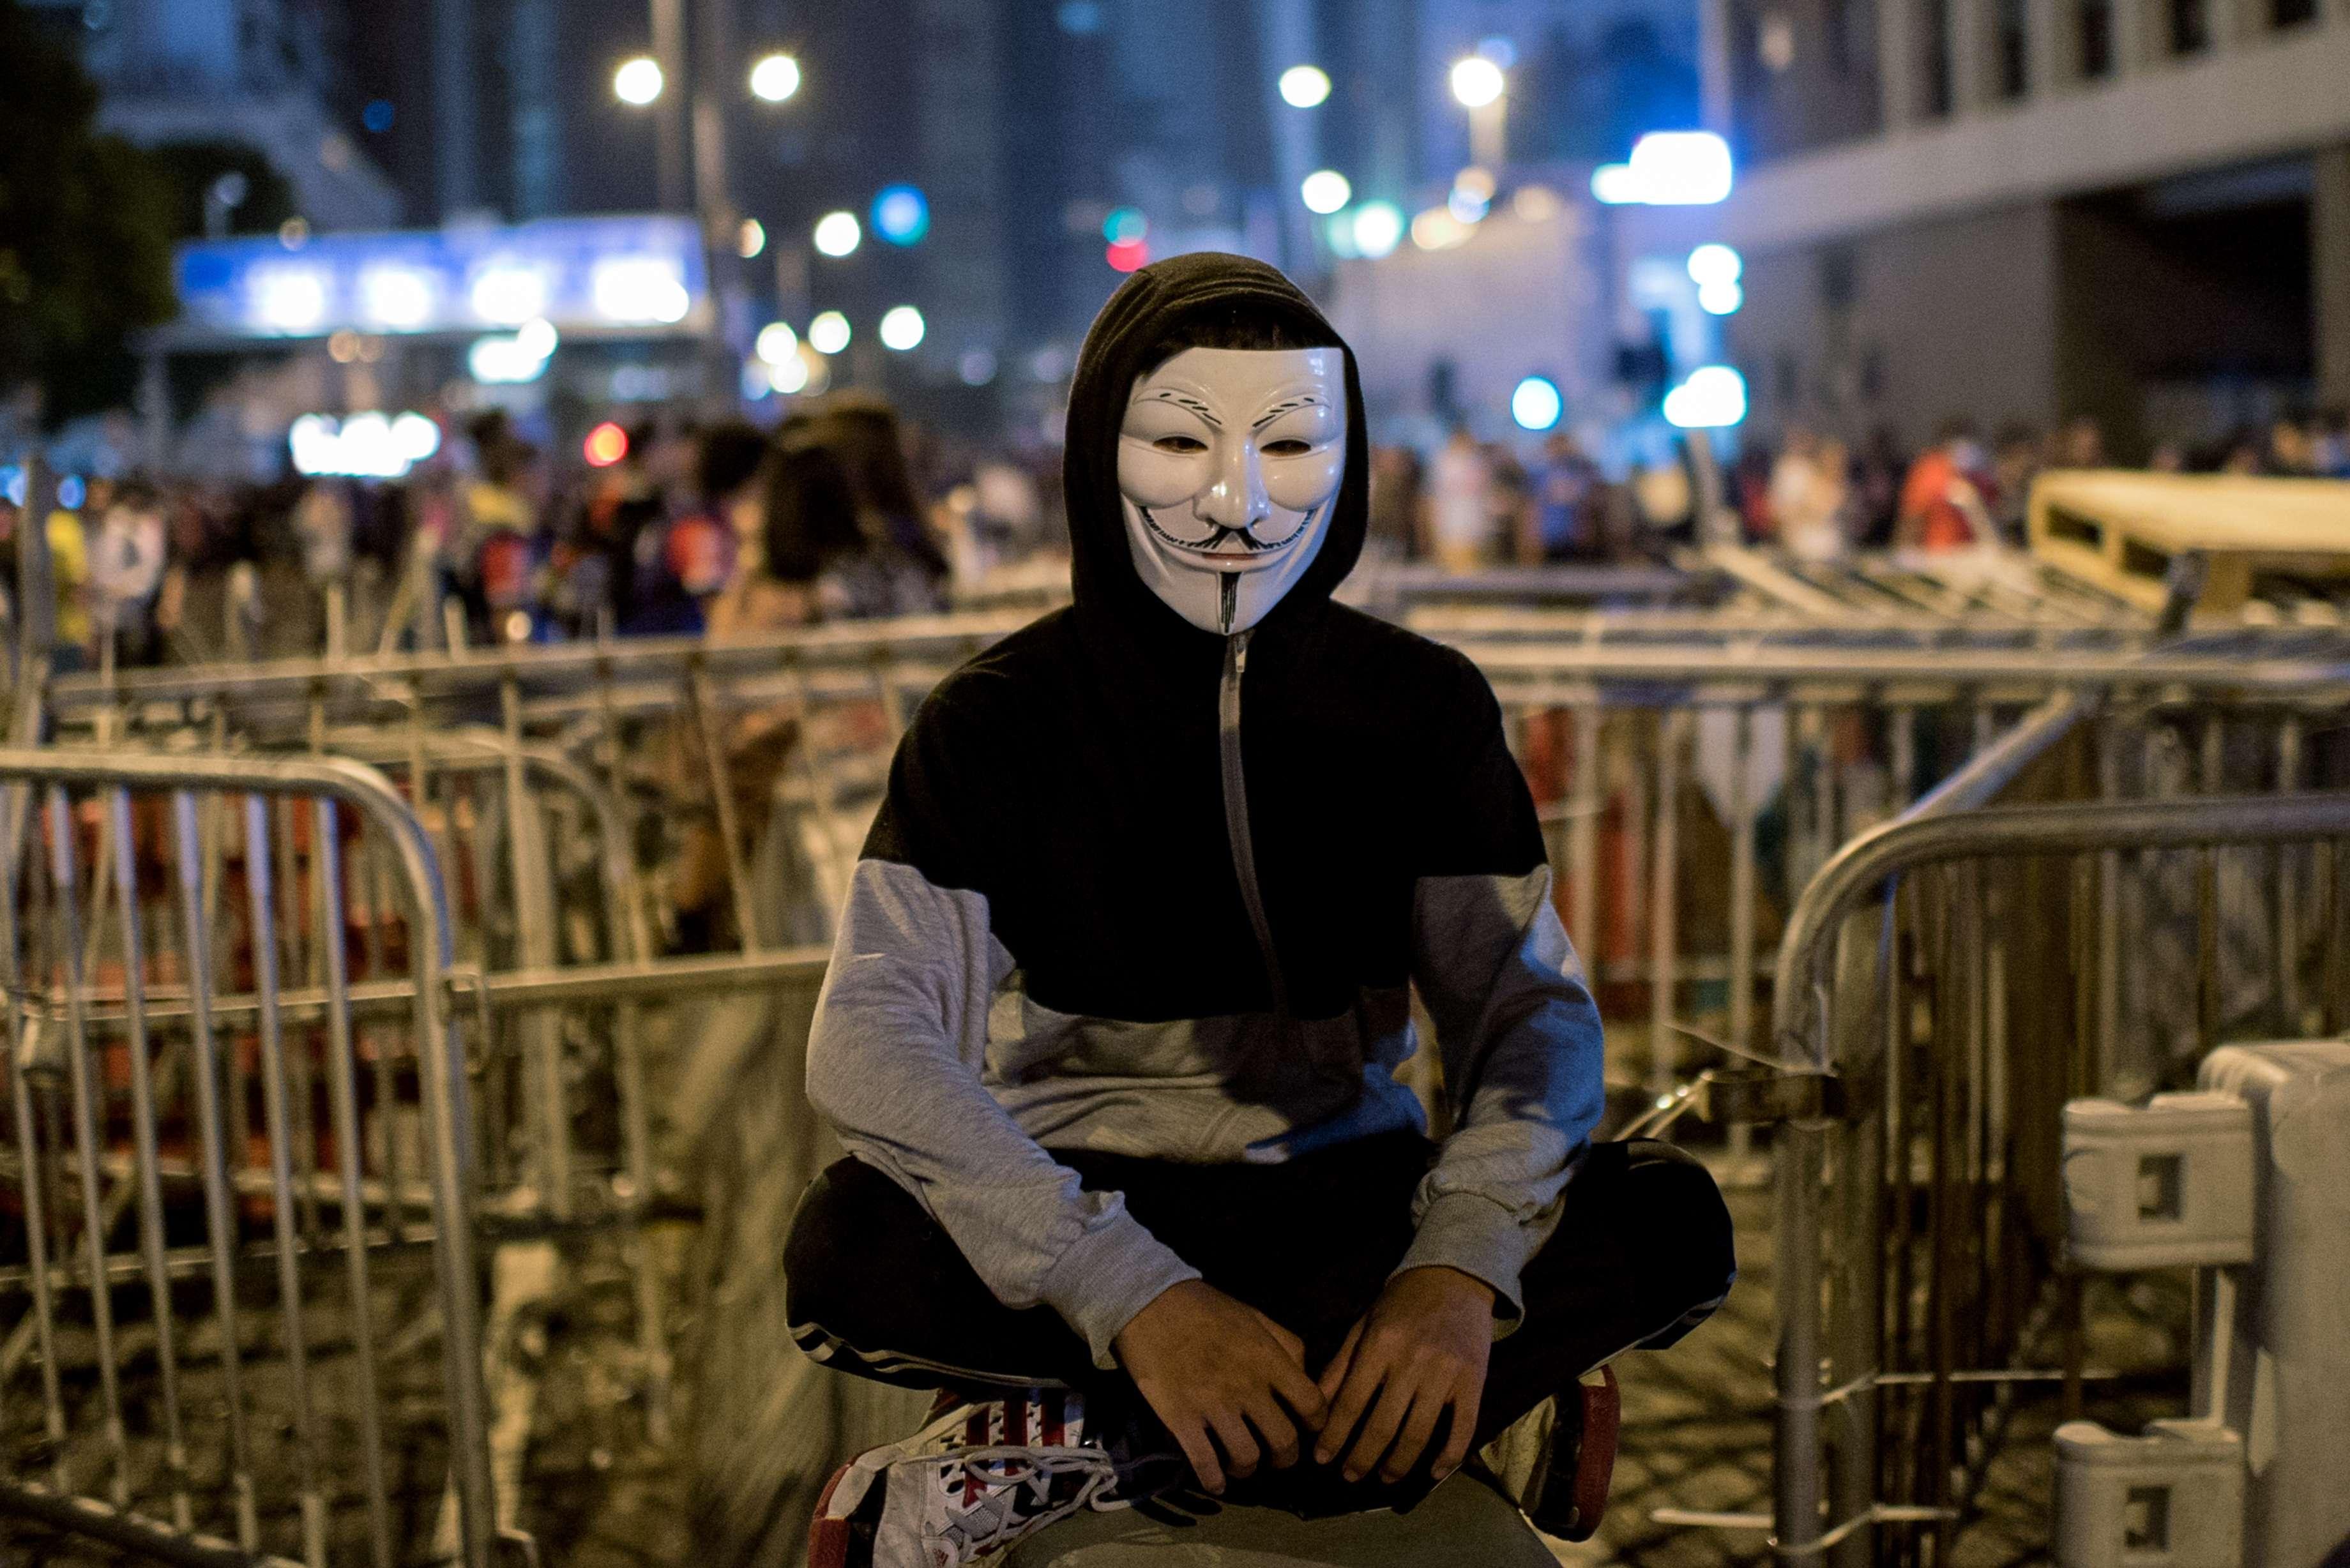 Fotos del 1 de octubre Foto: ALEX OGLE/AFP